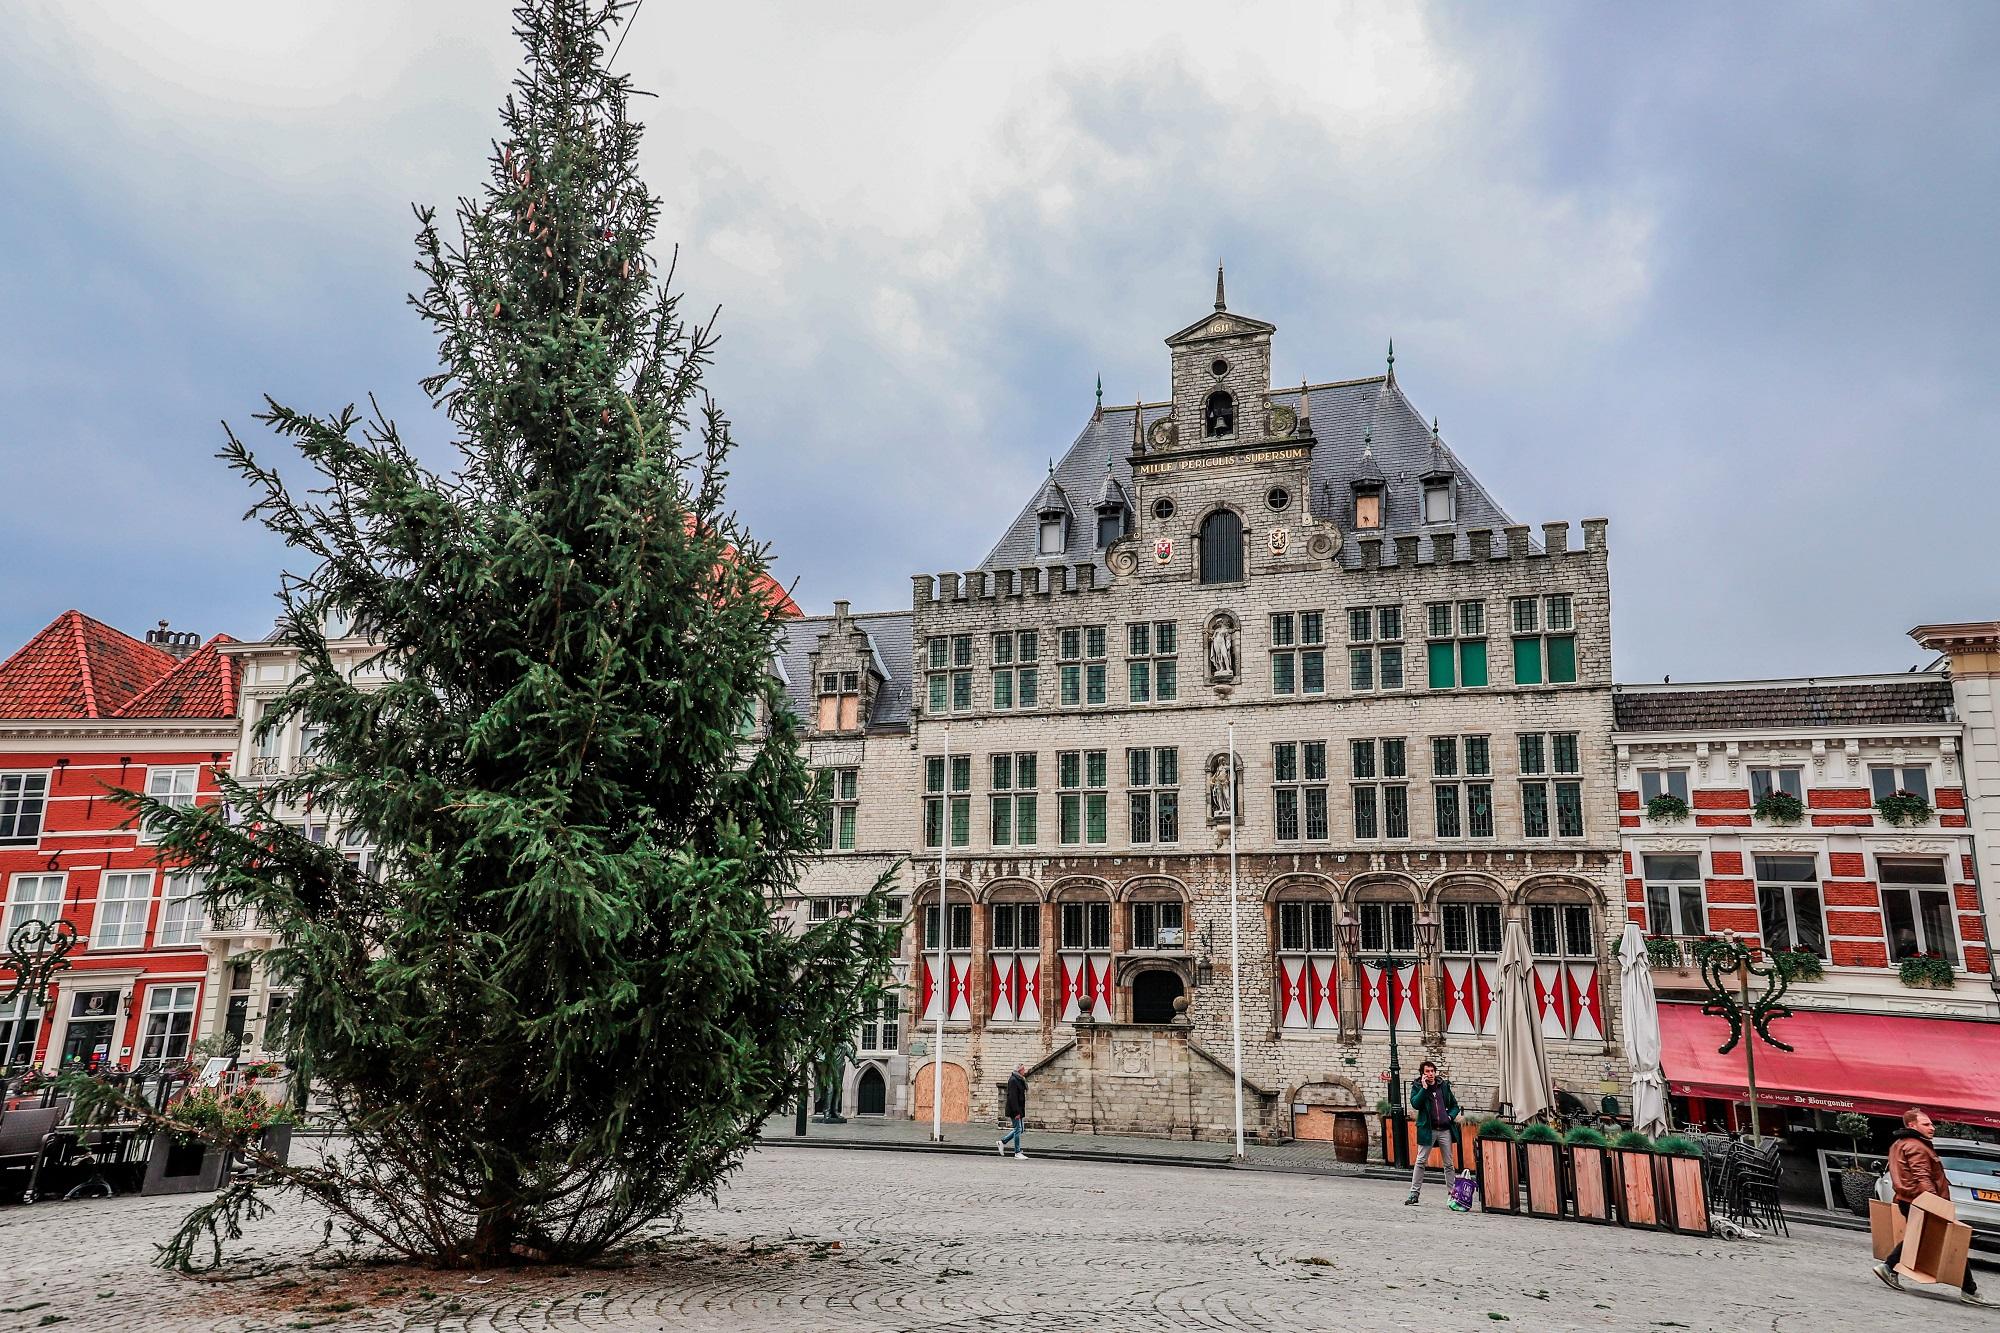 Corona in Bergen op Zoom: dit zijn de nieuwste cijfers van het RIVM kerstboom bergen op zoom kerst kerstmis stadhuis grote markt kerstversiering